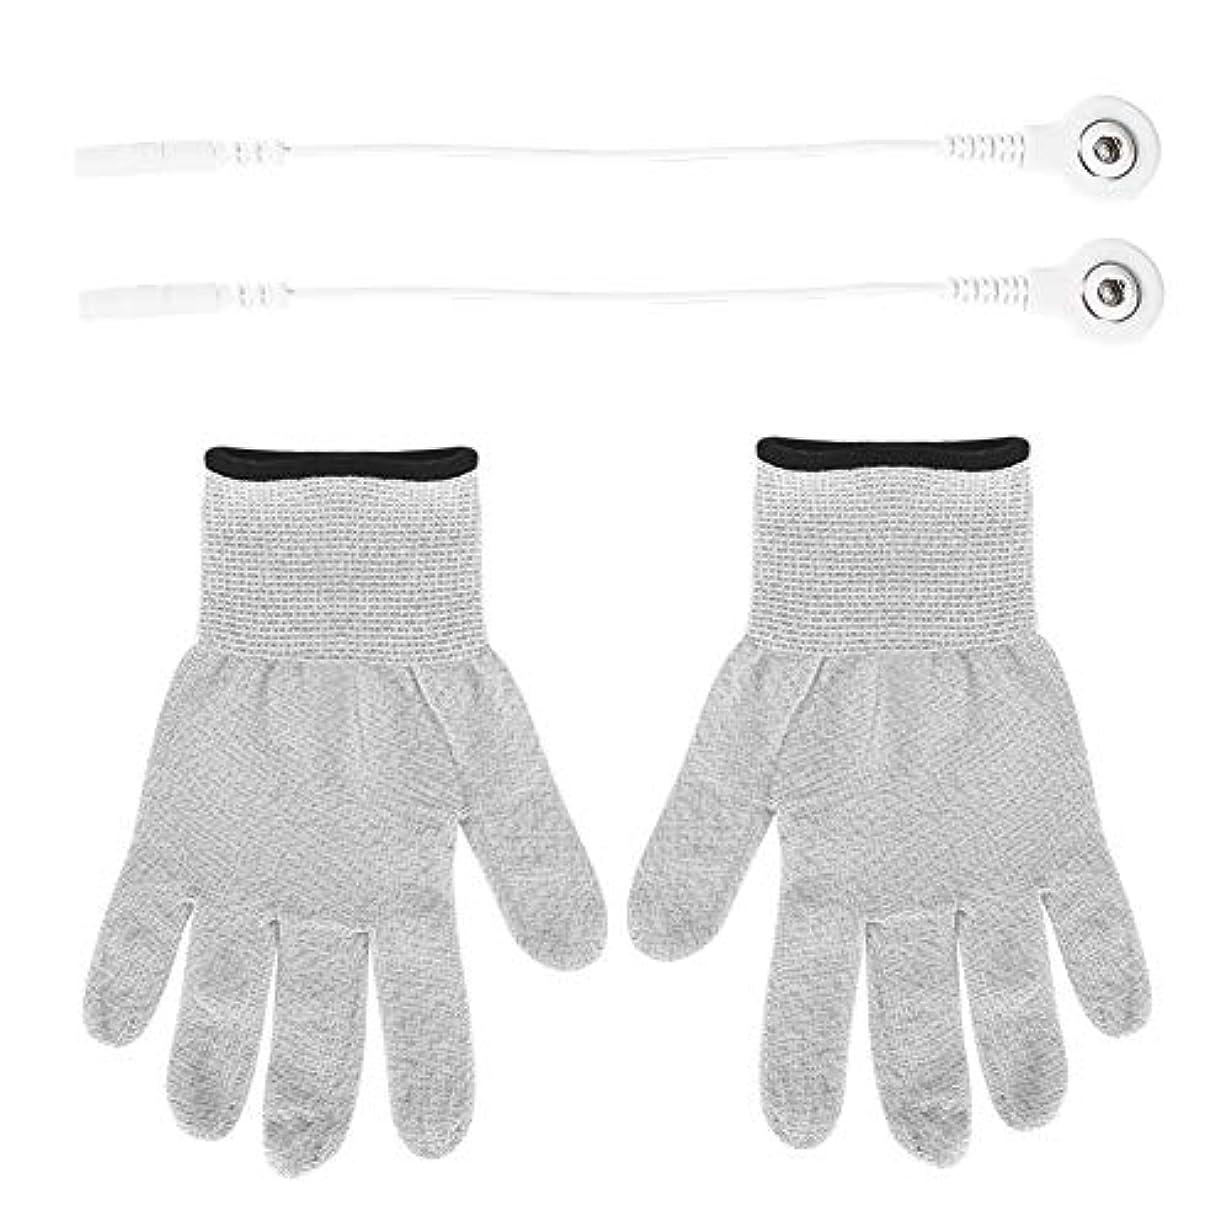 メガロポリス拍手エンディング電極手袋、1対の導電性繊維電極手袋、アダプター電極付き電気ショックファイバー用リード線